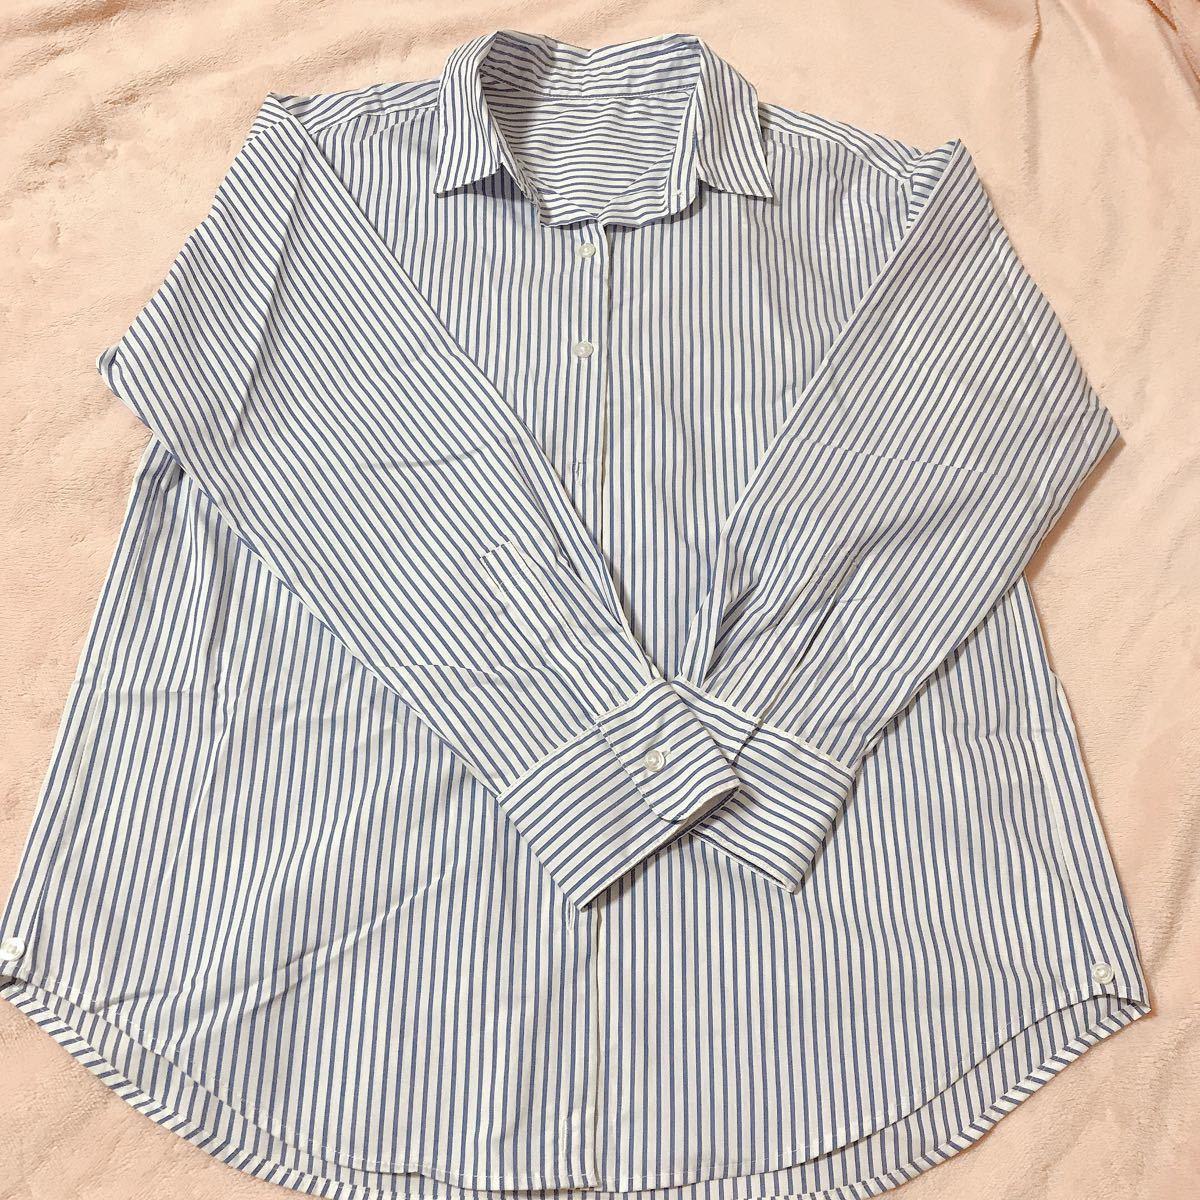 ストライプシャツ オフィスカジュアル 長袖シャツ